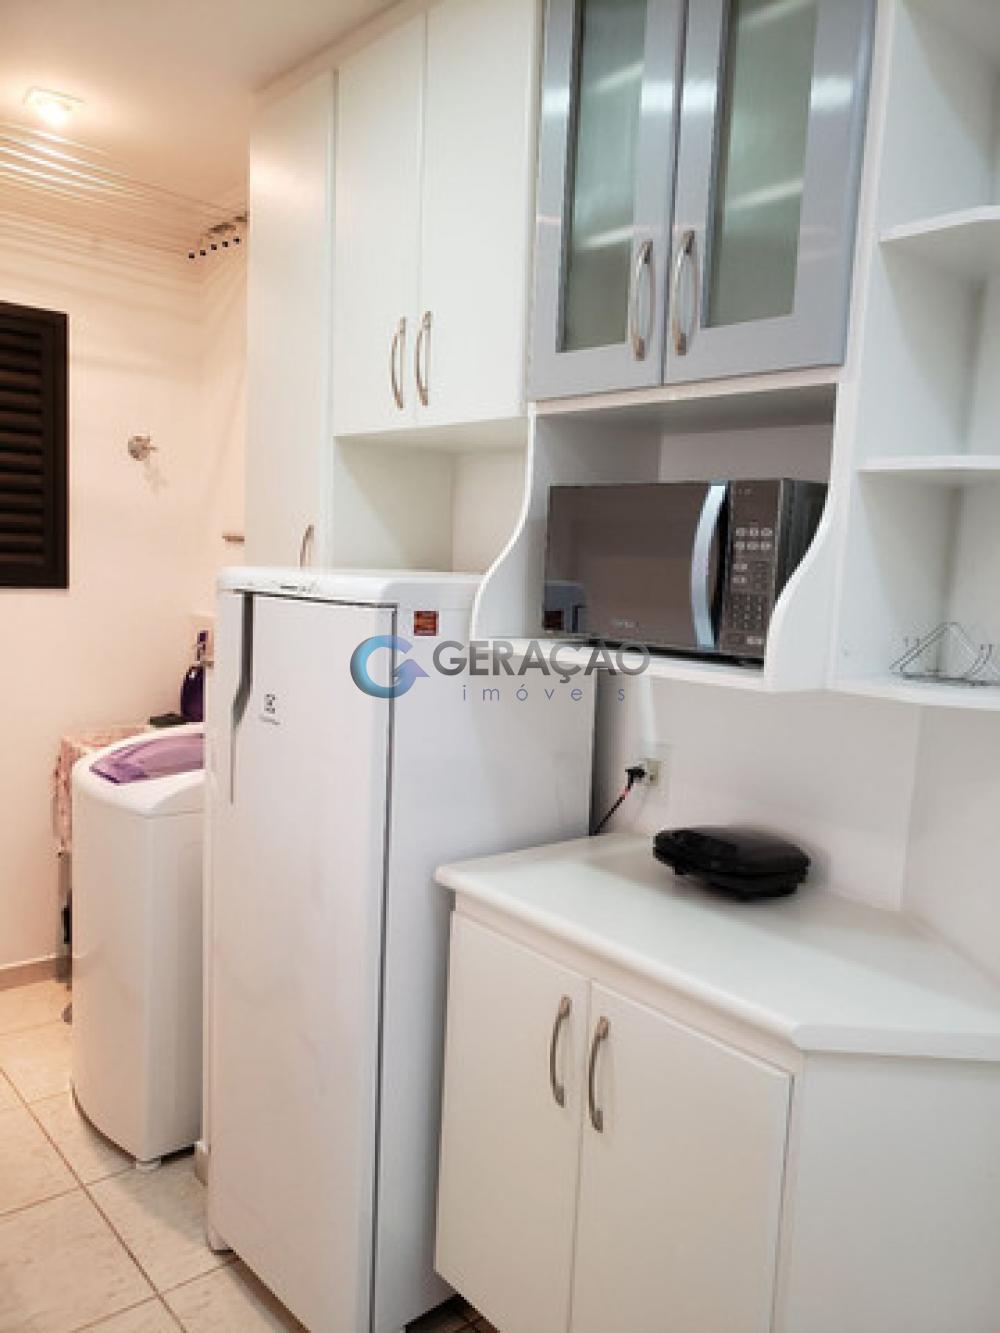 Comprar Apartamento / Flat em São José dos Campos apenas R$ 310.000,00 - Foto 2